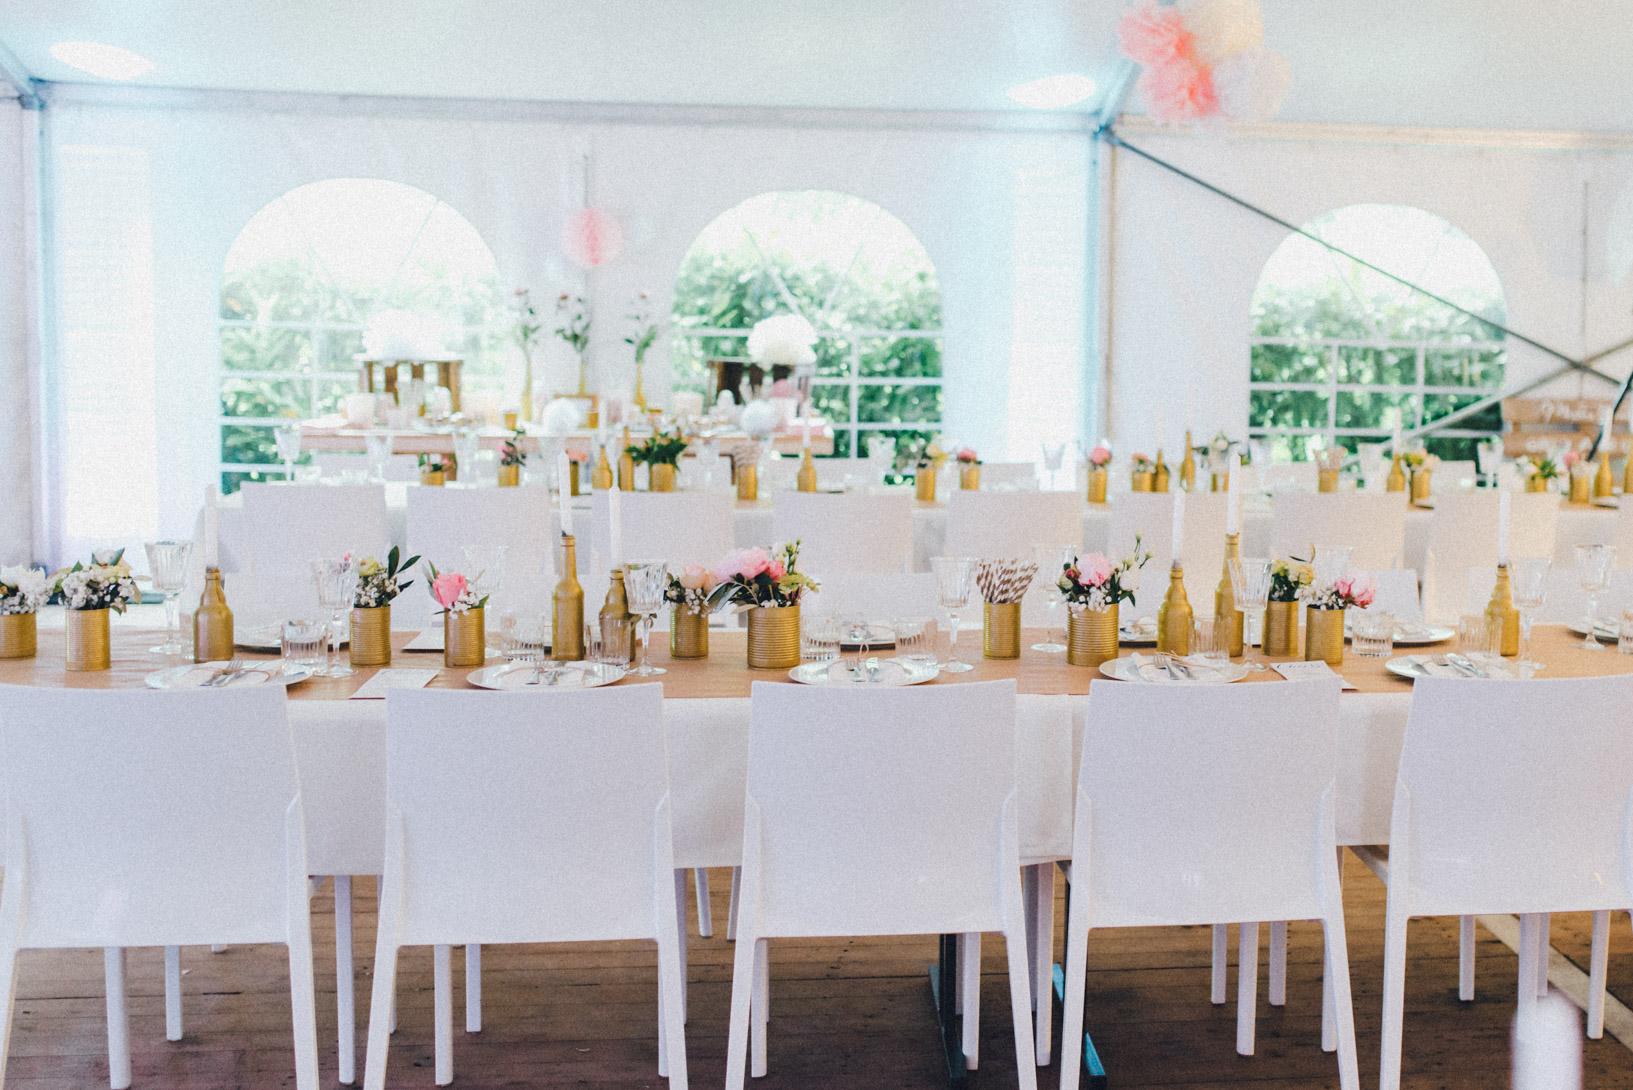 DIY-Hochzeit-gold-VW-Bully-43 Janet & Pierre DIY Midsummer-Wedding in Gold mit VW BulliDIY Hochzeit gold VW Bully 43